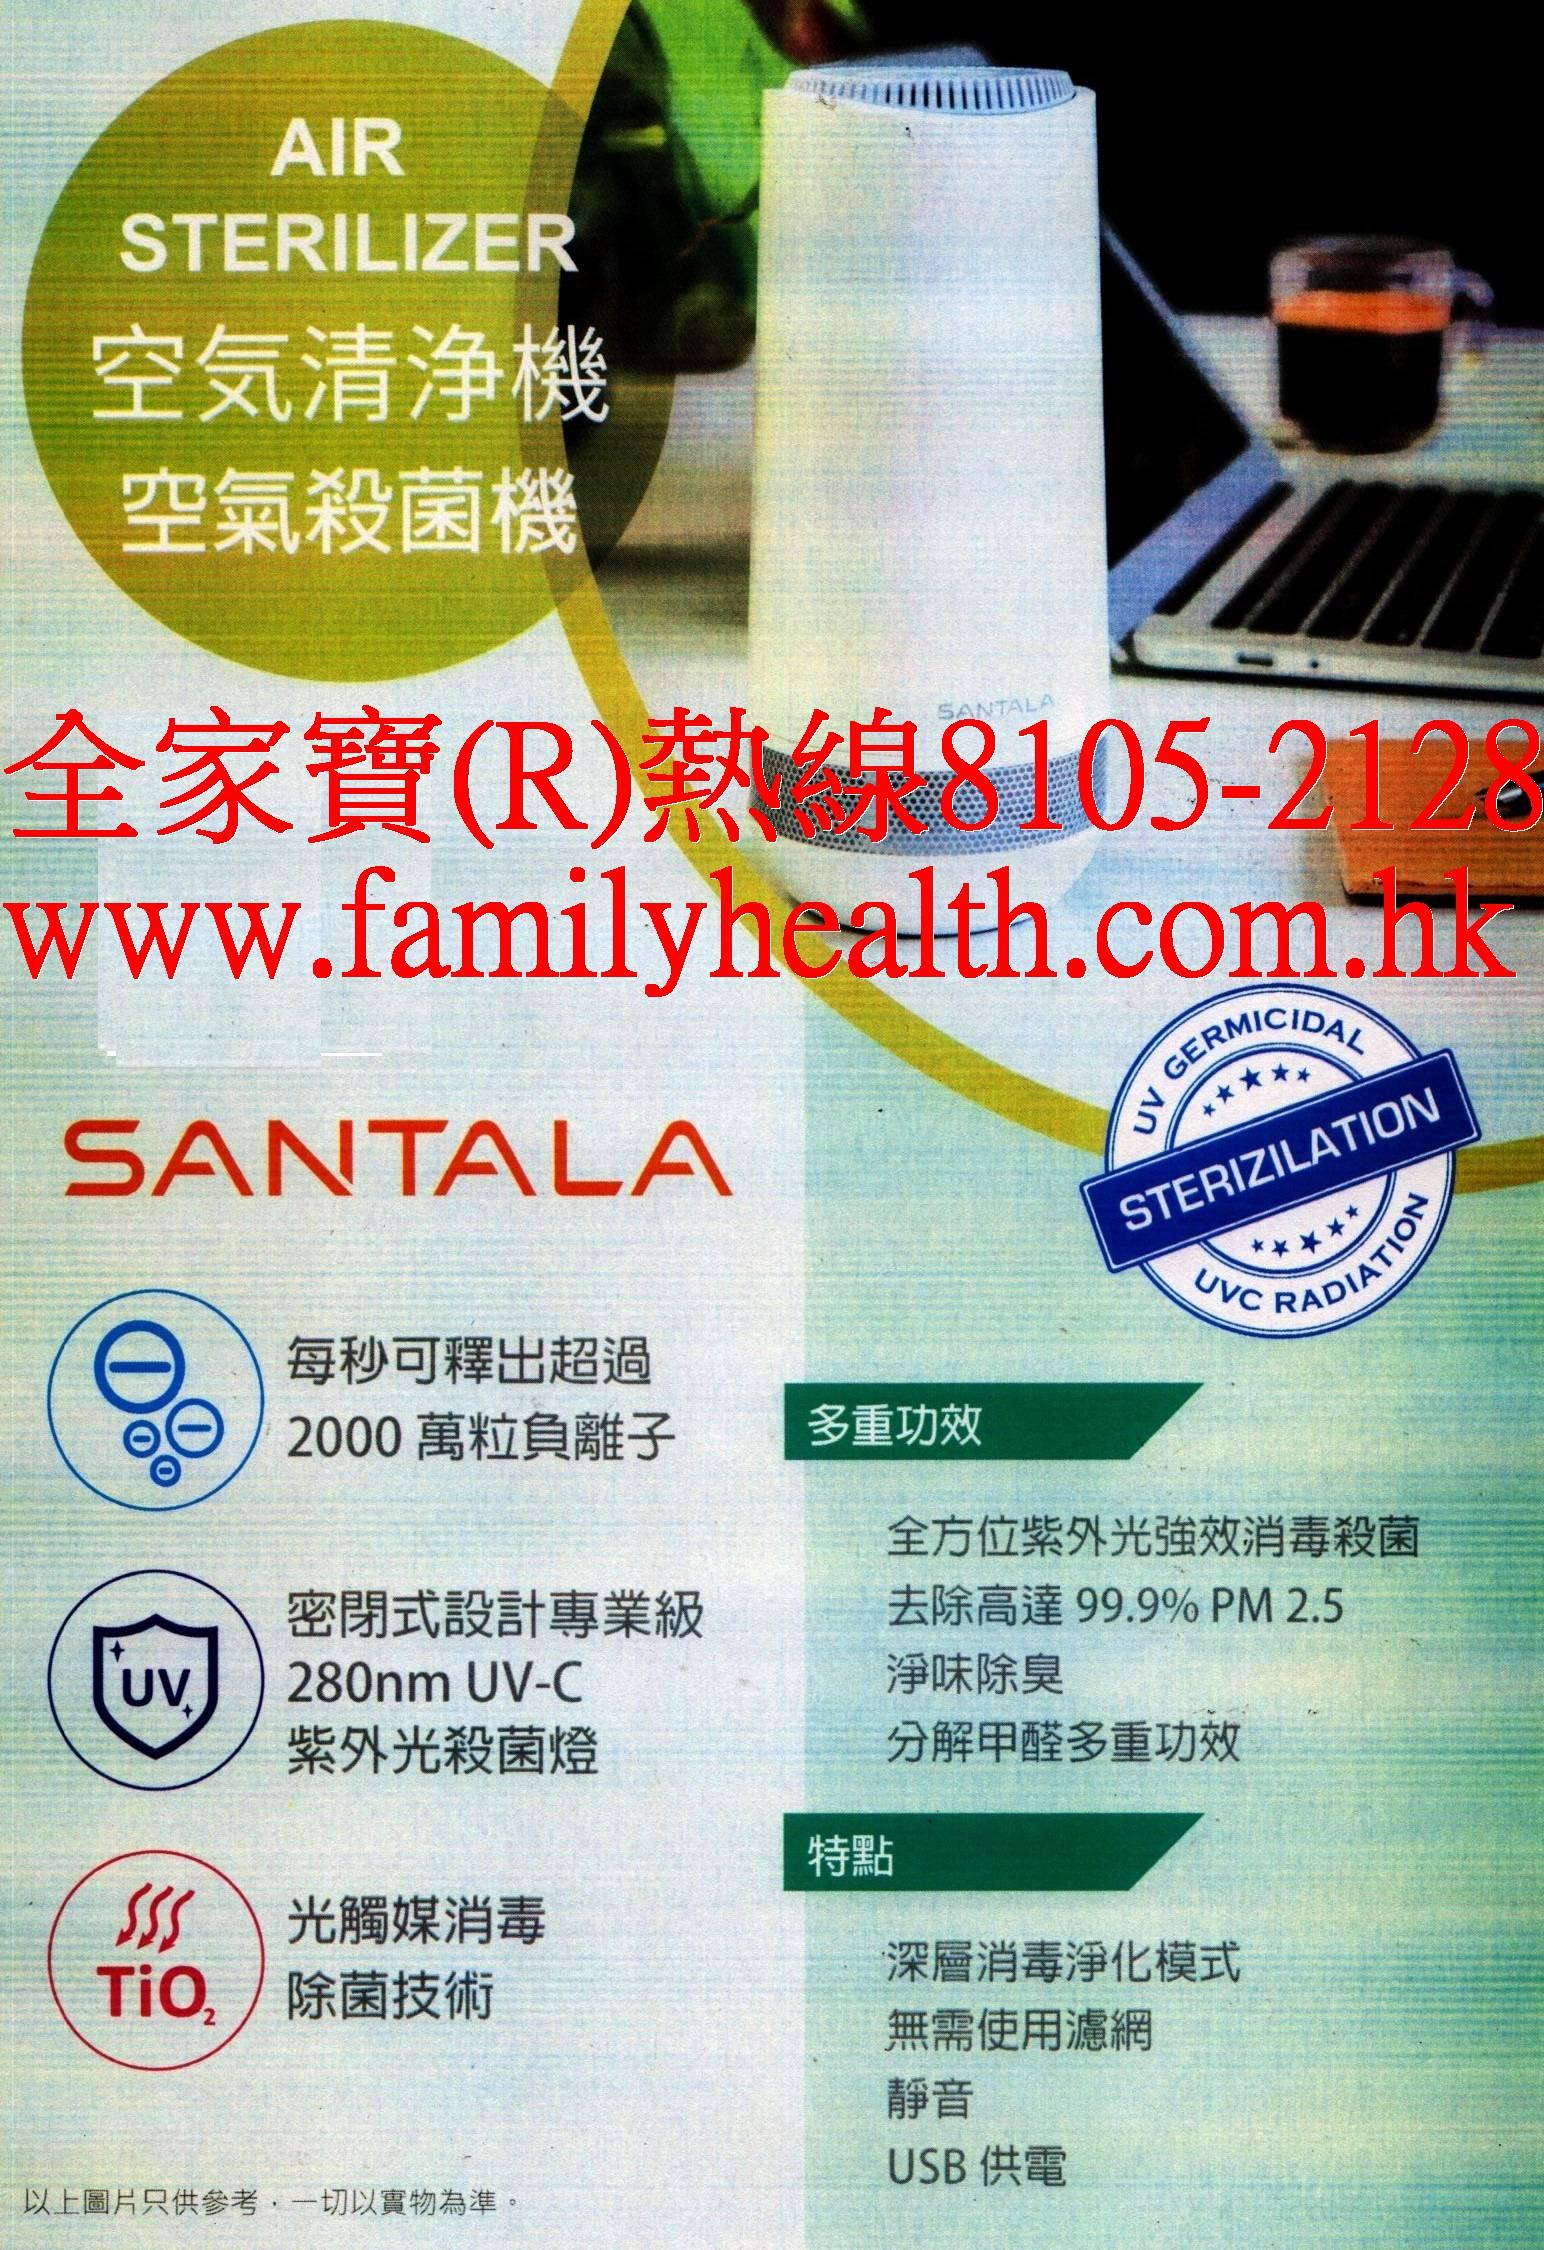 http://www.familyhealth.com.hk/files/full/1149_3.jpg